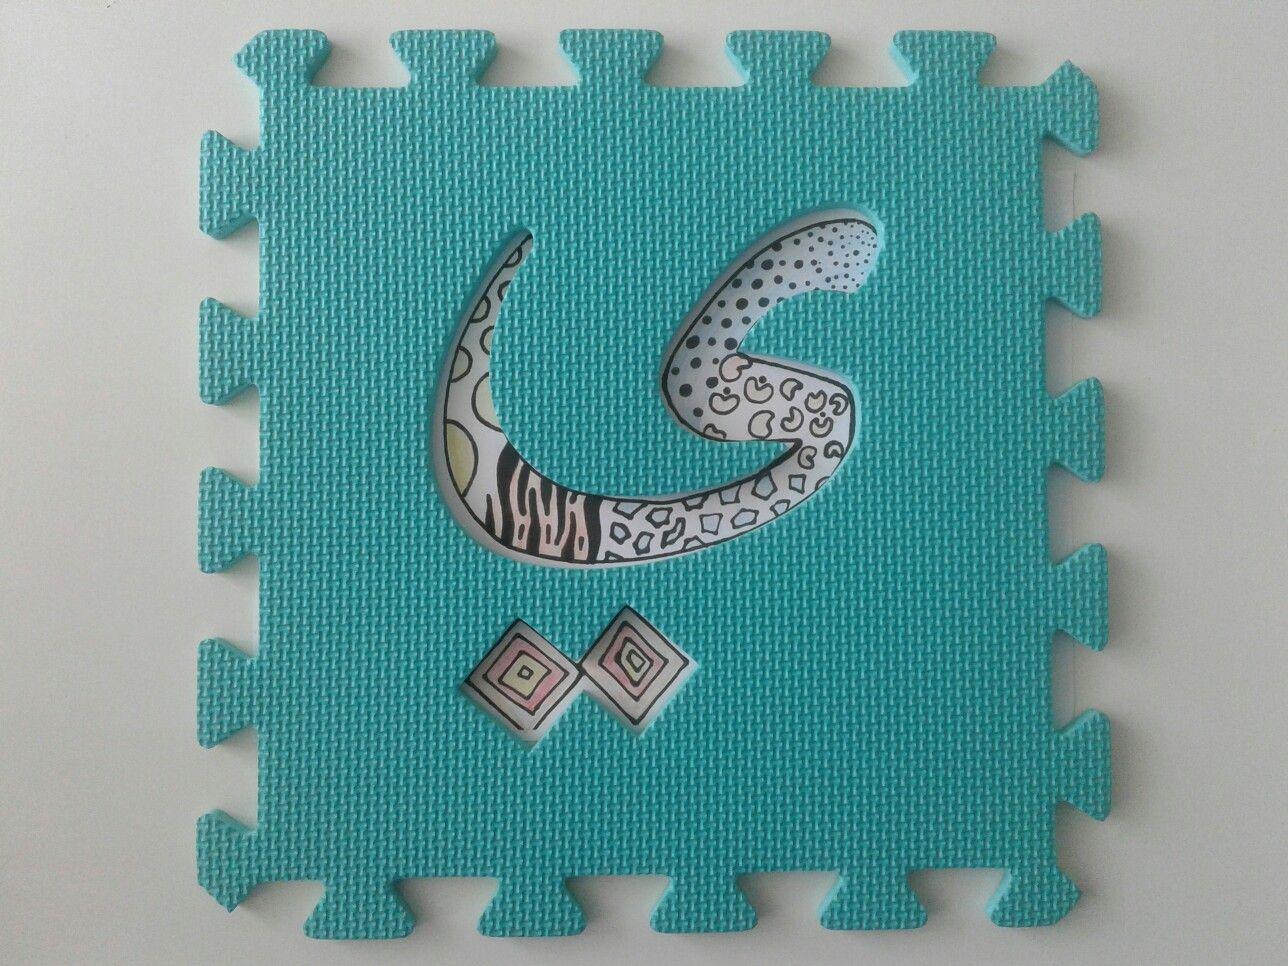 Arabische Alfabet Letter Kleurplaat En Vloerpuzzel Foammat Vindt Het Op Www Dhoekie Nl Arabisch Alfabet Alfabet Letters Alfabet